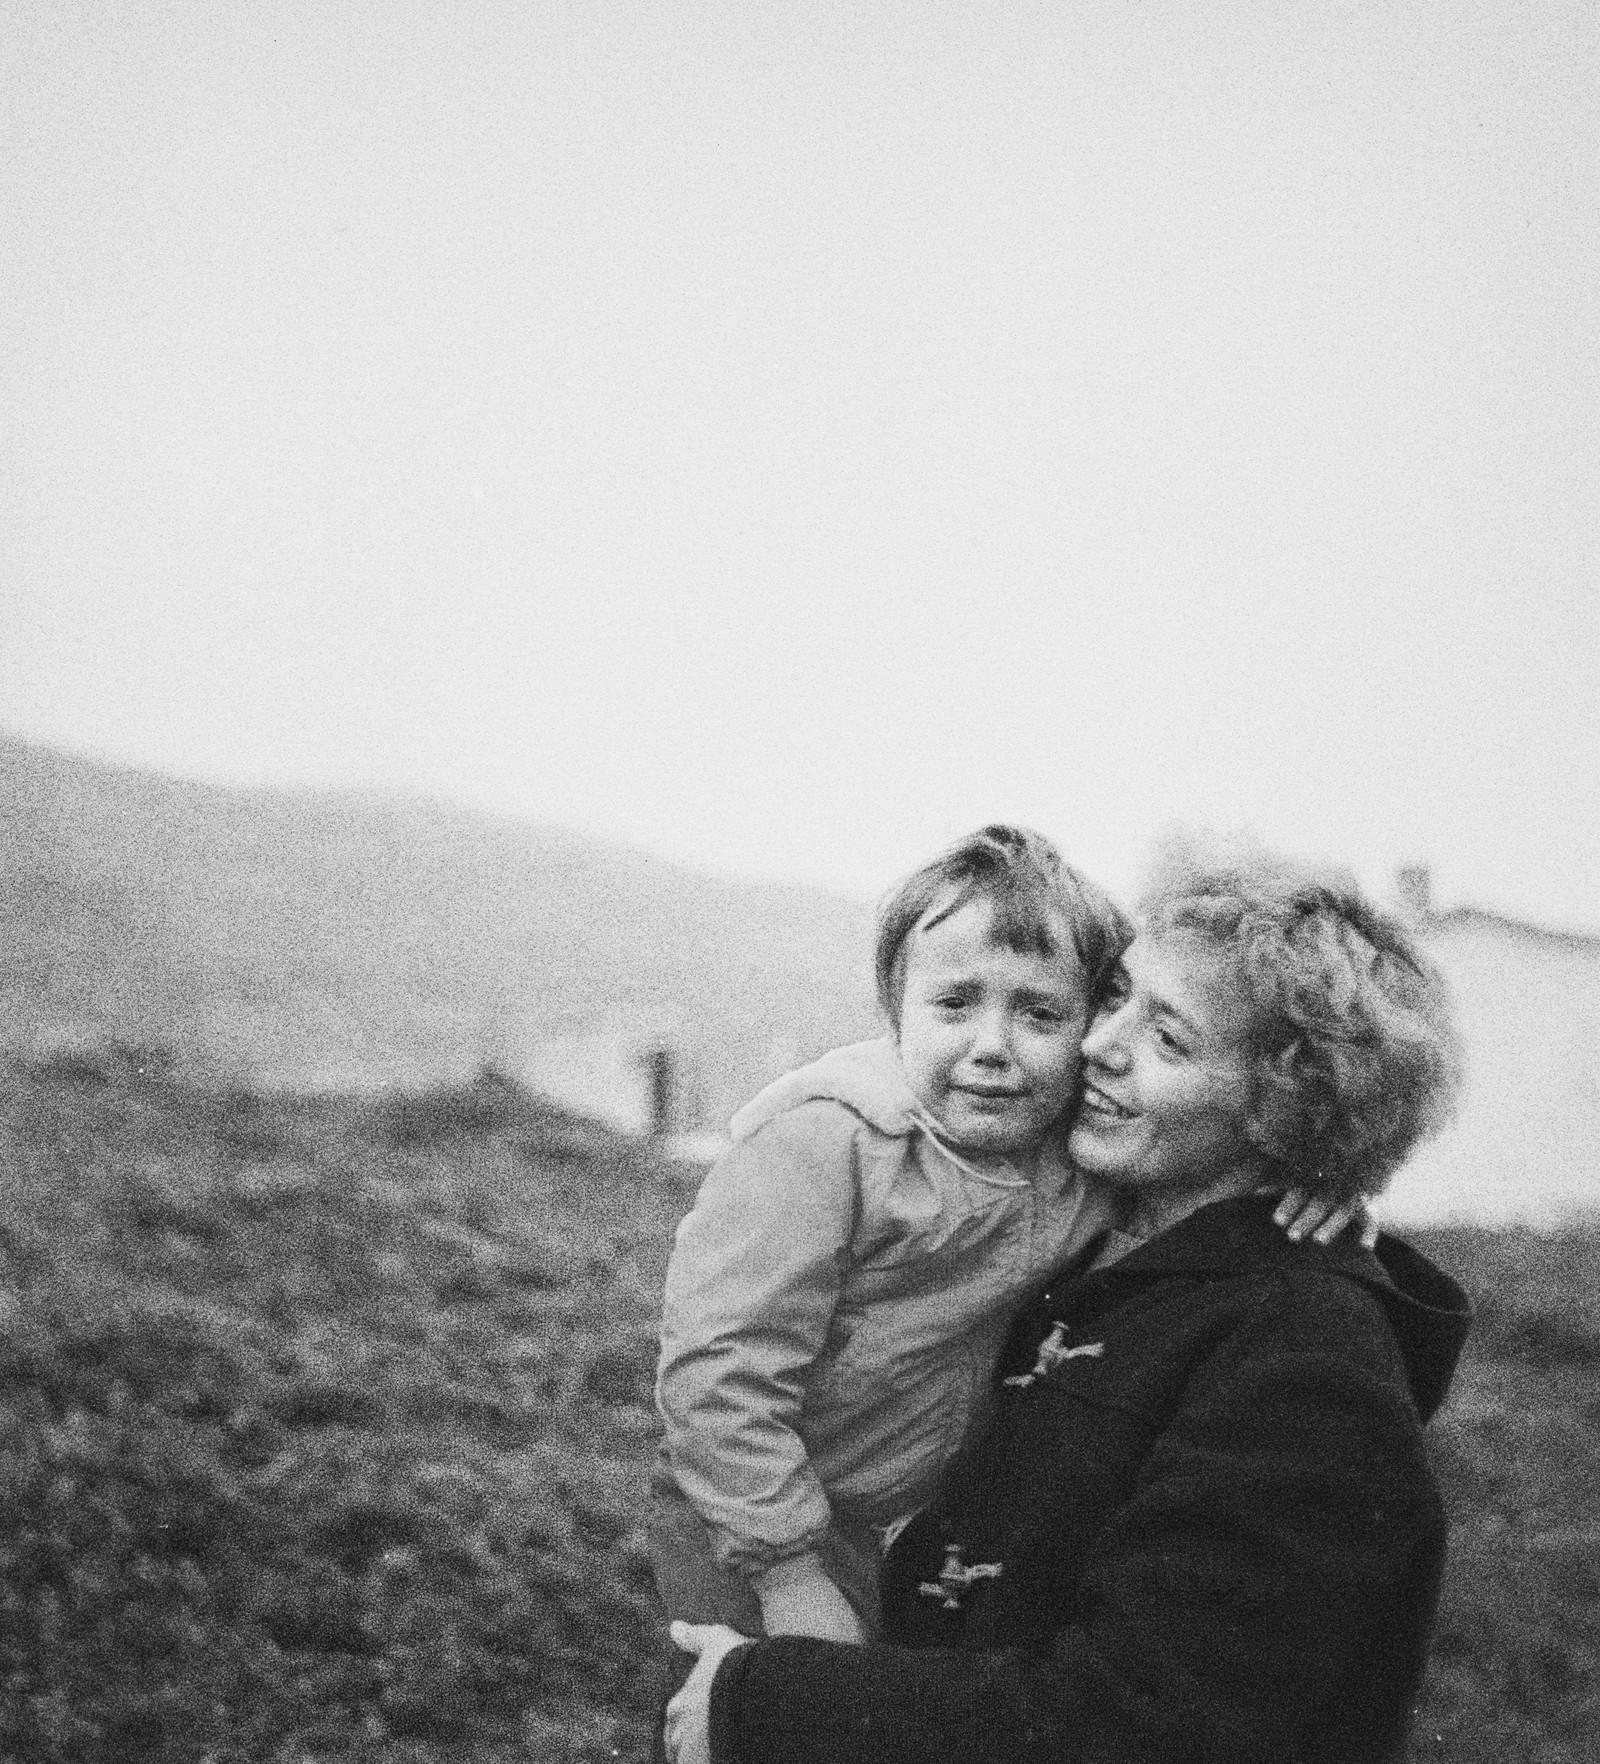 Kåre Kivijärvi ble kjent som Norges første kunstfotograf. Men det finnes relativt få bilder etter ham. I 2012 dukket det opp 9 ufremkalte filmruller på Kivijärvis loft, blant annet dette bildet fra Finnmark fra omkring 1957-58, helt i starten av Kivijärvis karriere.